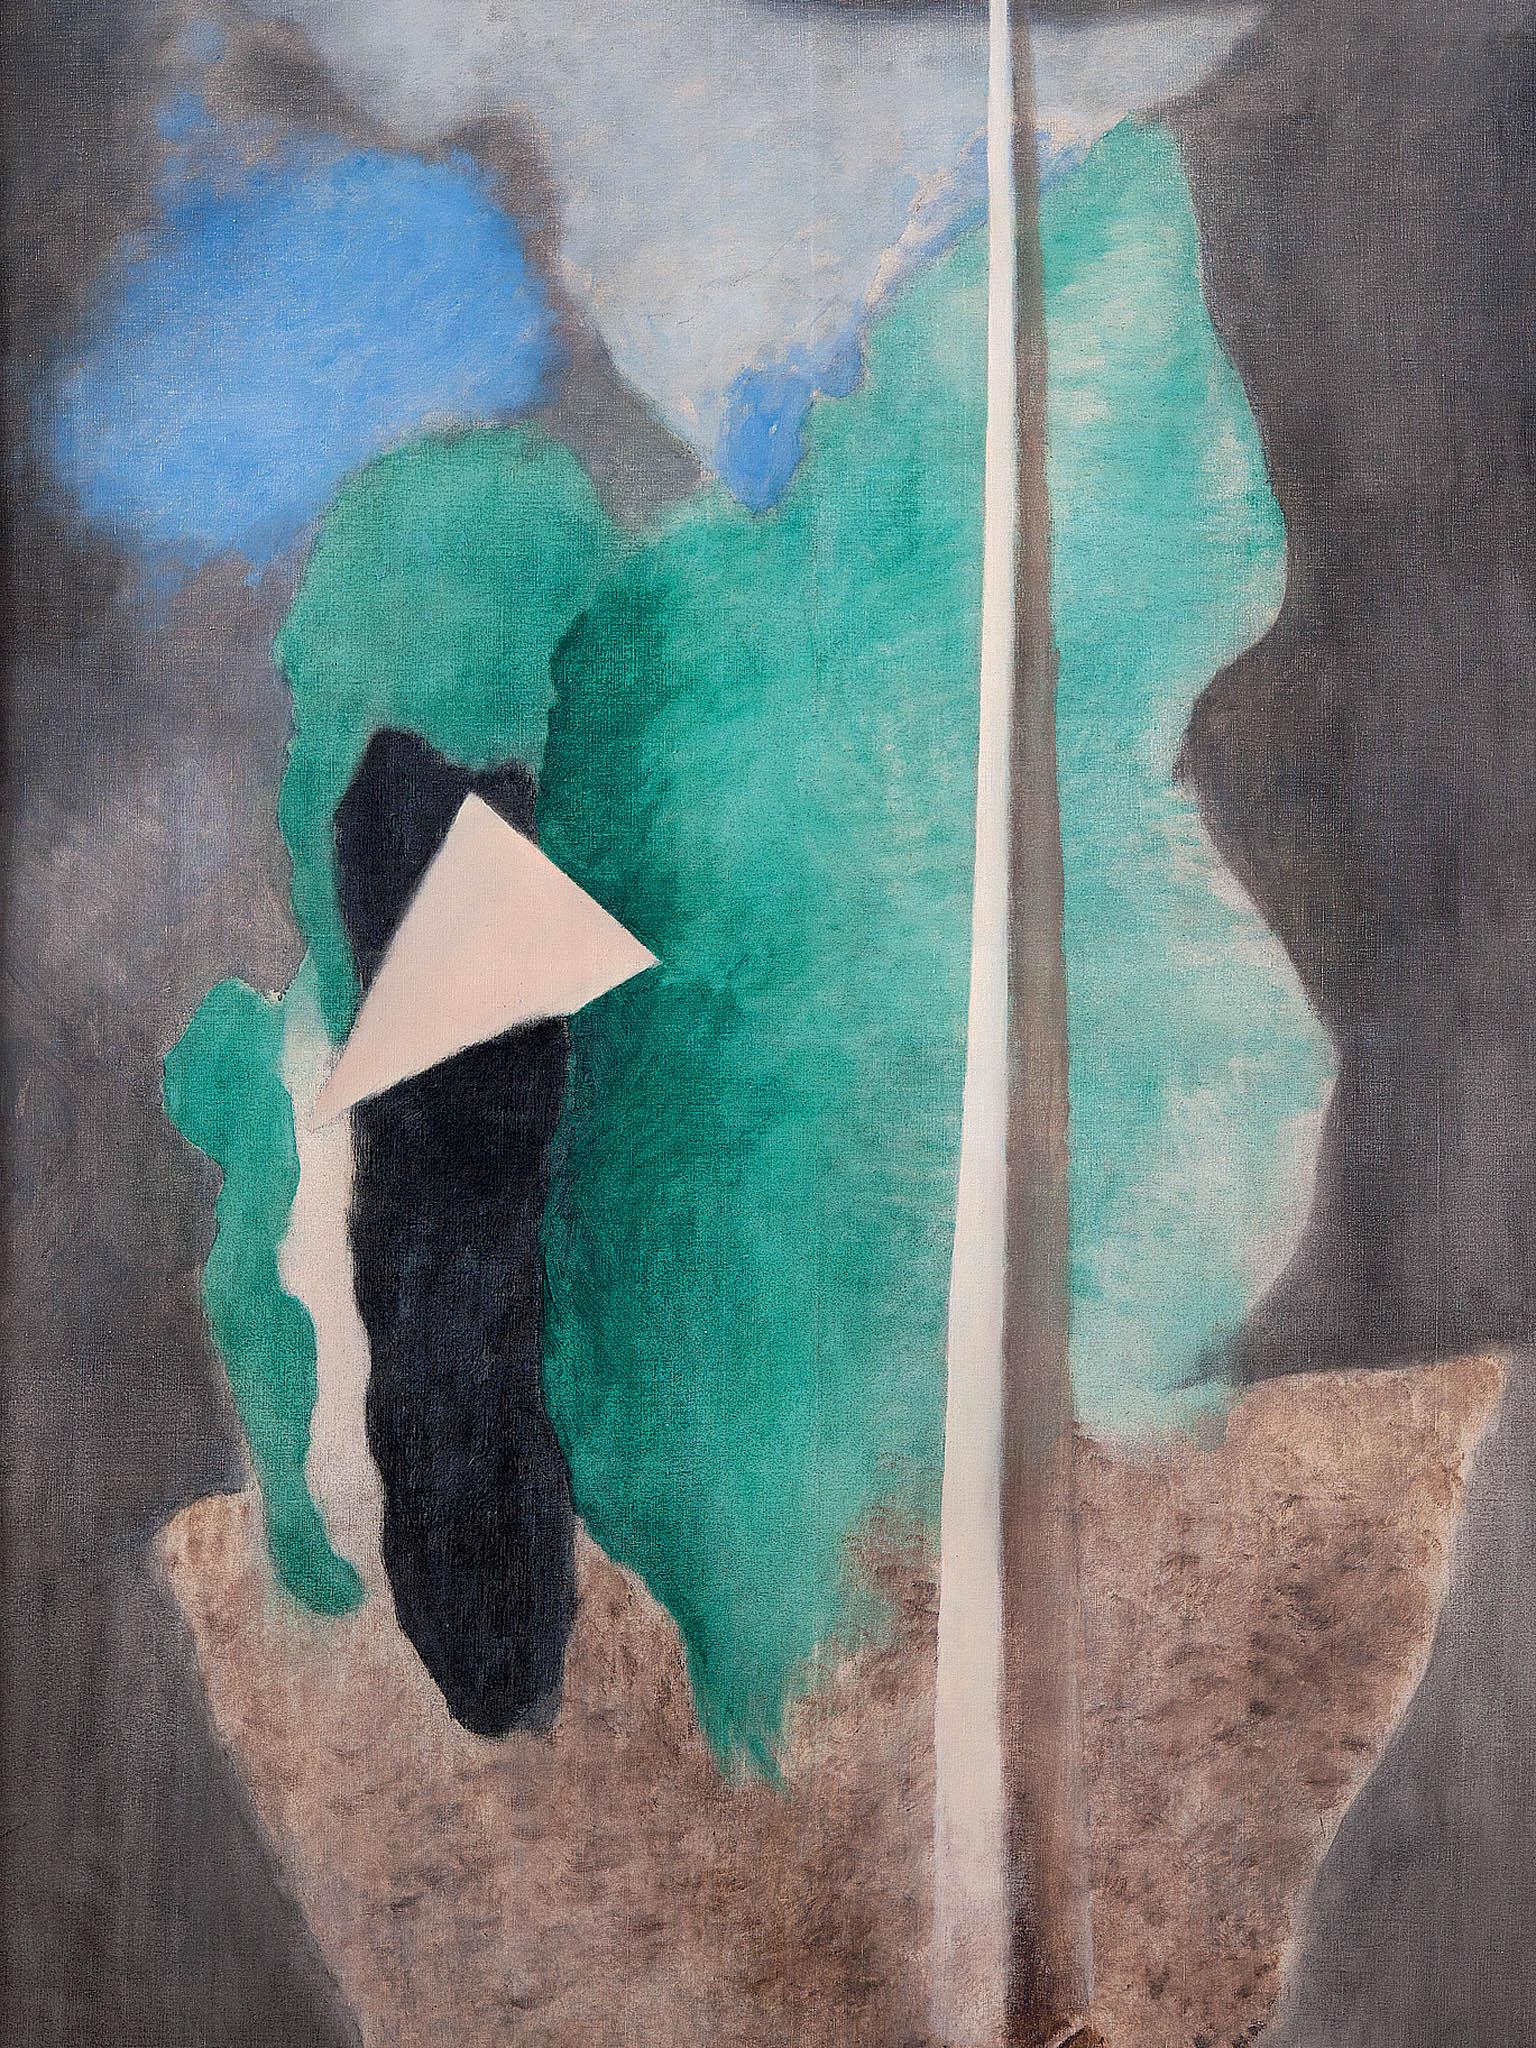 Obraz Josefa Šímy Krajina s trojúhelníkem je k vidění na výstavě Devětsilu.